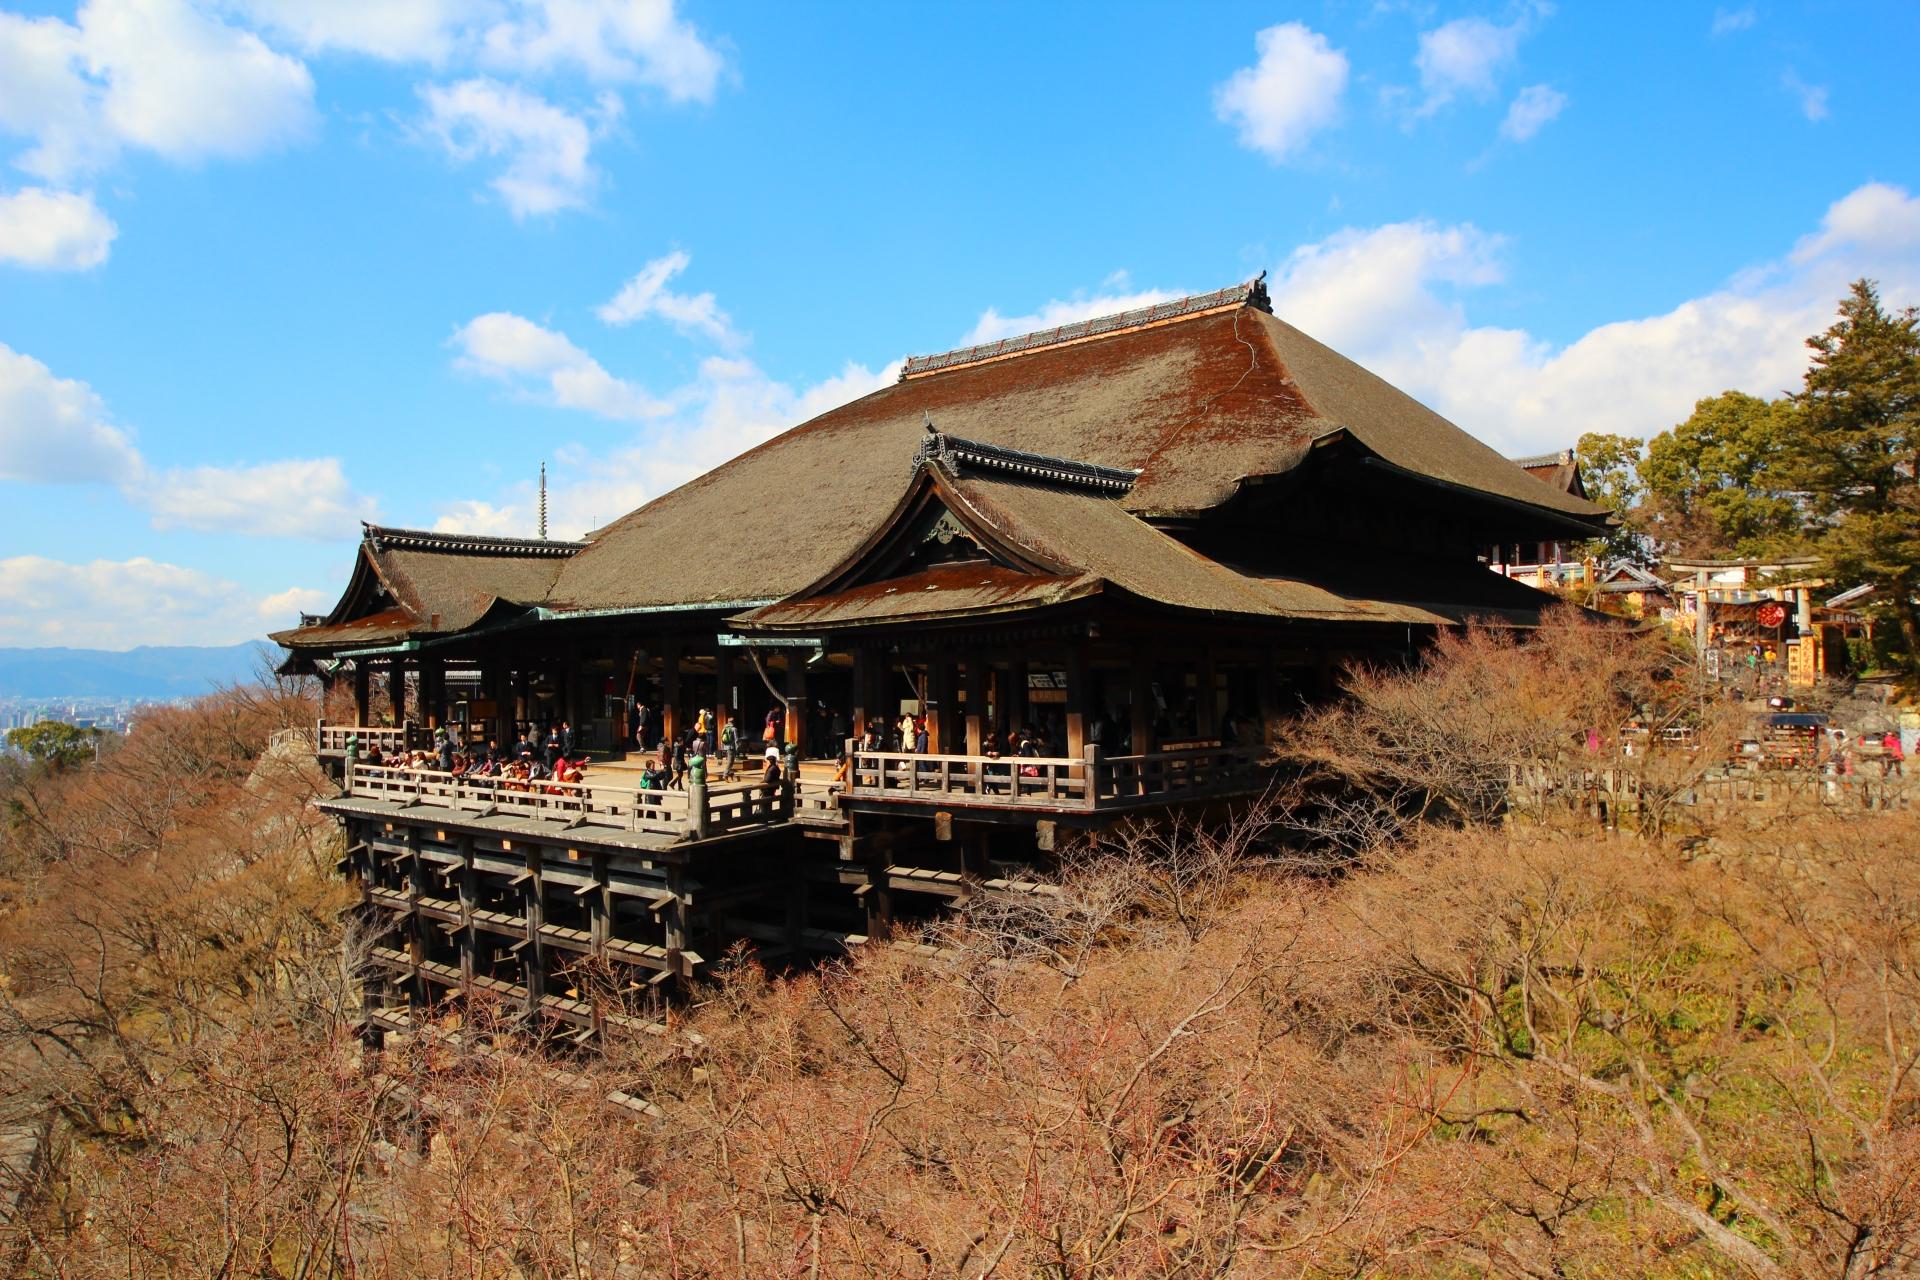 京都人、京都について書いてみる(デザインとは関係ない話その1)